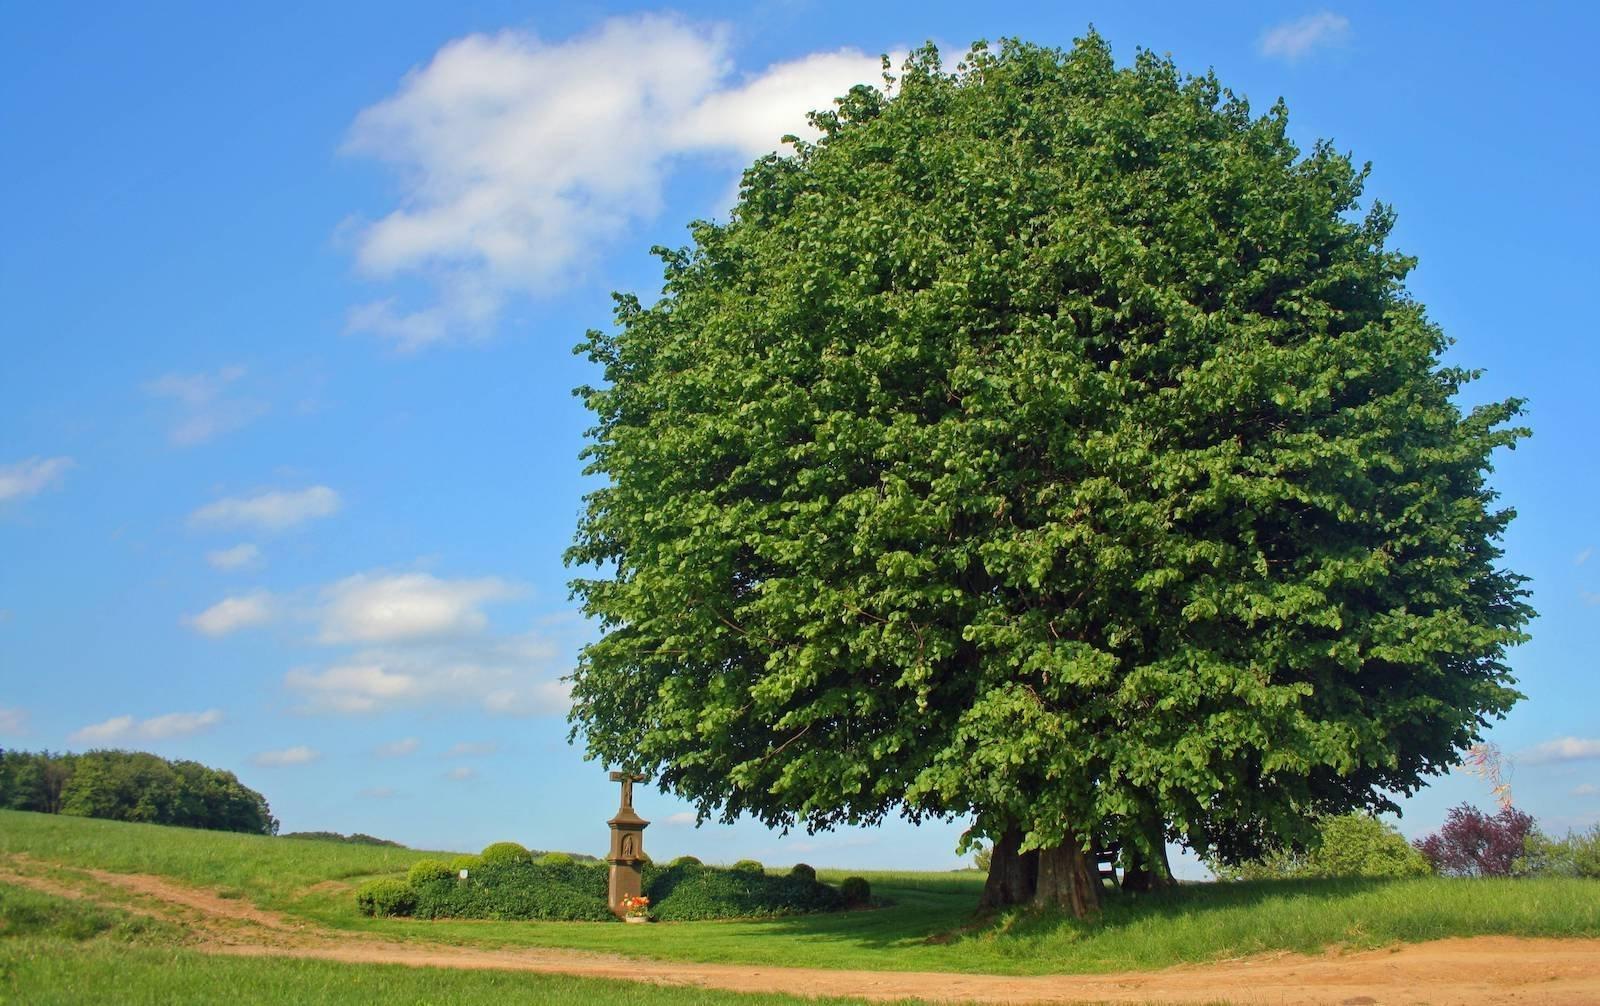 Za časů našich prababiček lidé žijící hlavně na venkově přisuzovali bylinám, keřům a stromům významné vlastnosti a dobře věděli o jejich léčivých účincích, o kterých my dnes už většinou máme jen povšechné tušení. Výběr bylin, květin či dřevin, jež do svých zahrádek vysazovali, nebyl zcela nahodilý a měl svá pravidla daná víceméně tradicí předávanou z generace na generaci. Pojďme si teď oživit tyhle zákonitosti a možná budete překvapeni, až odhalíte, jaké poklady na své zahrádce vlastně máte.